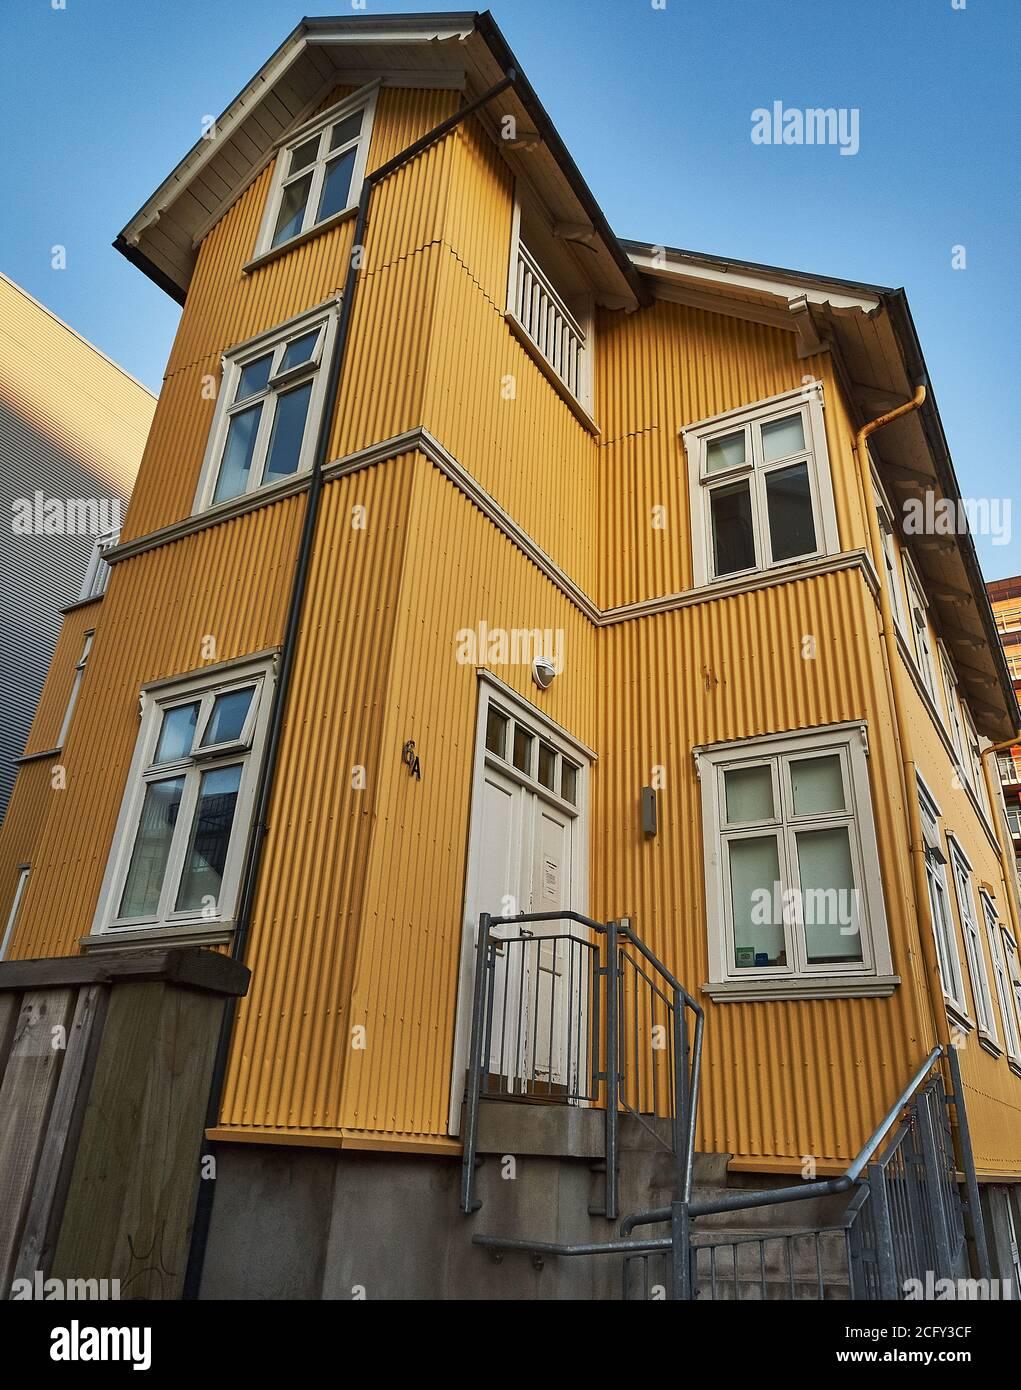 Maisons typiques dans le centre de Reykjavik, Islande Banque D'Images